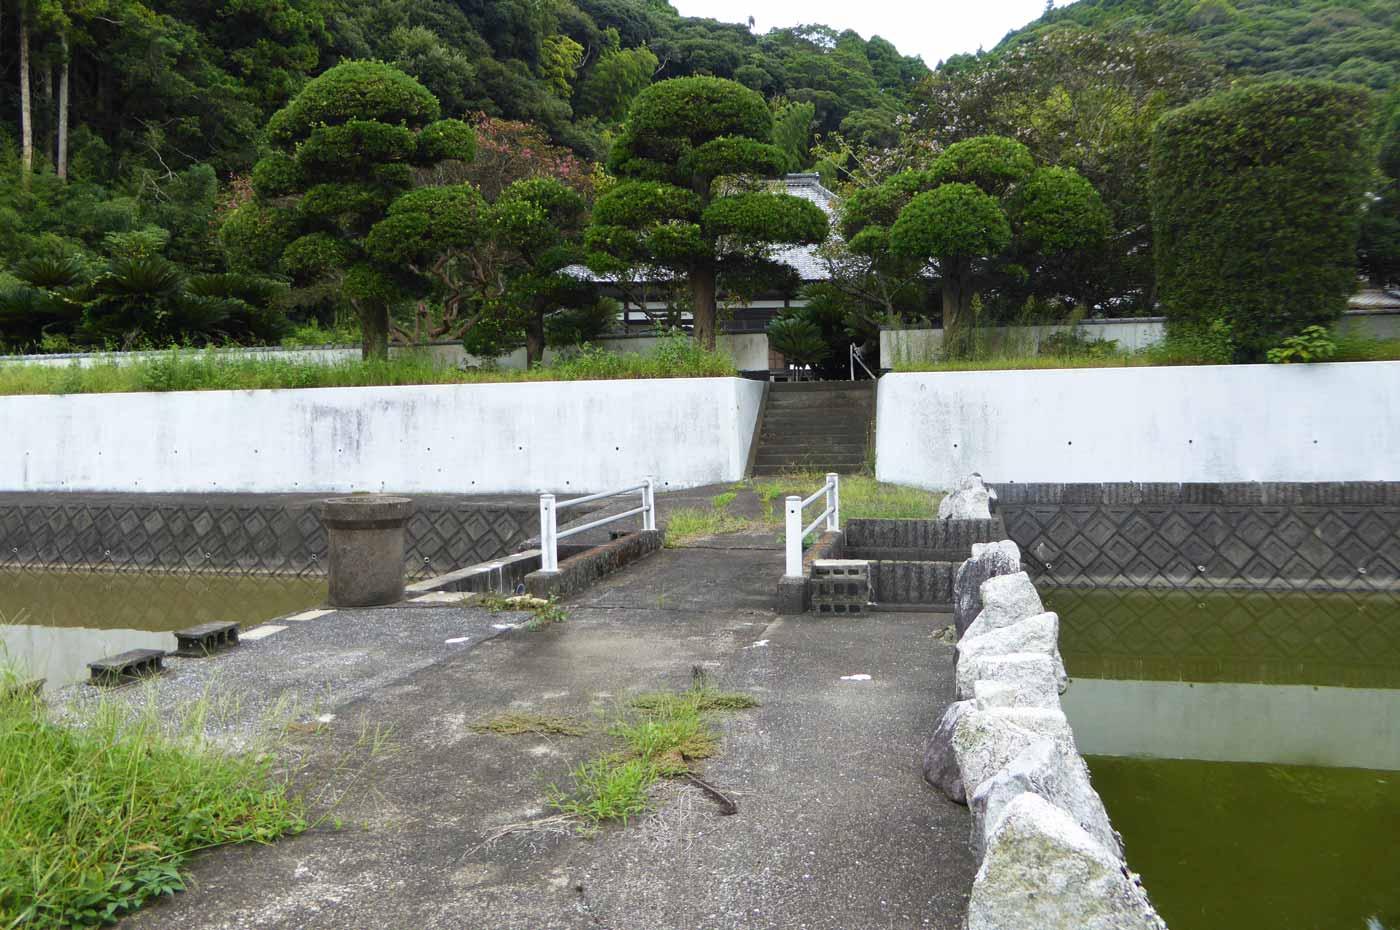 慈雲寺前の溜池